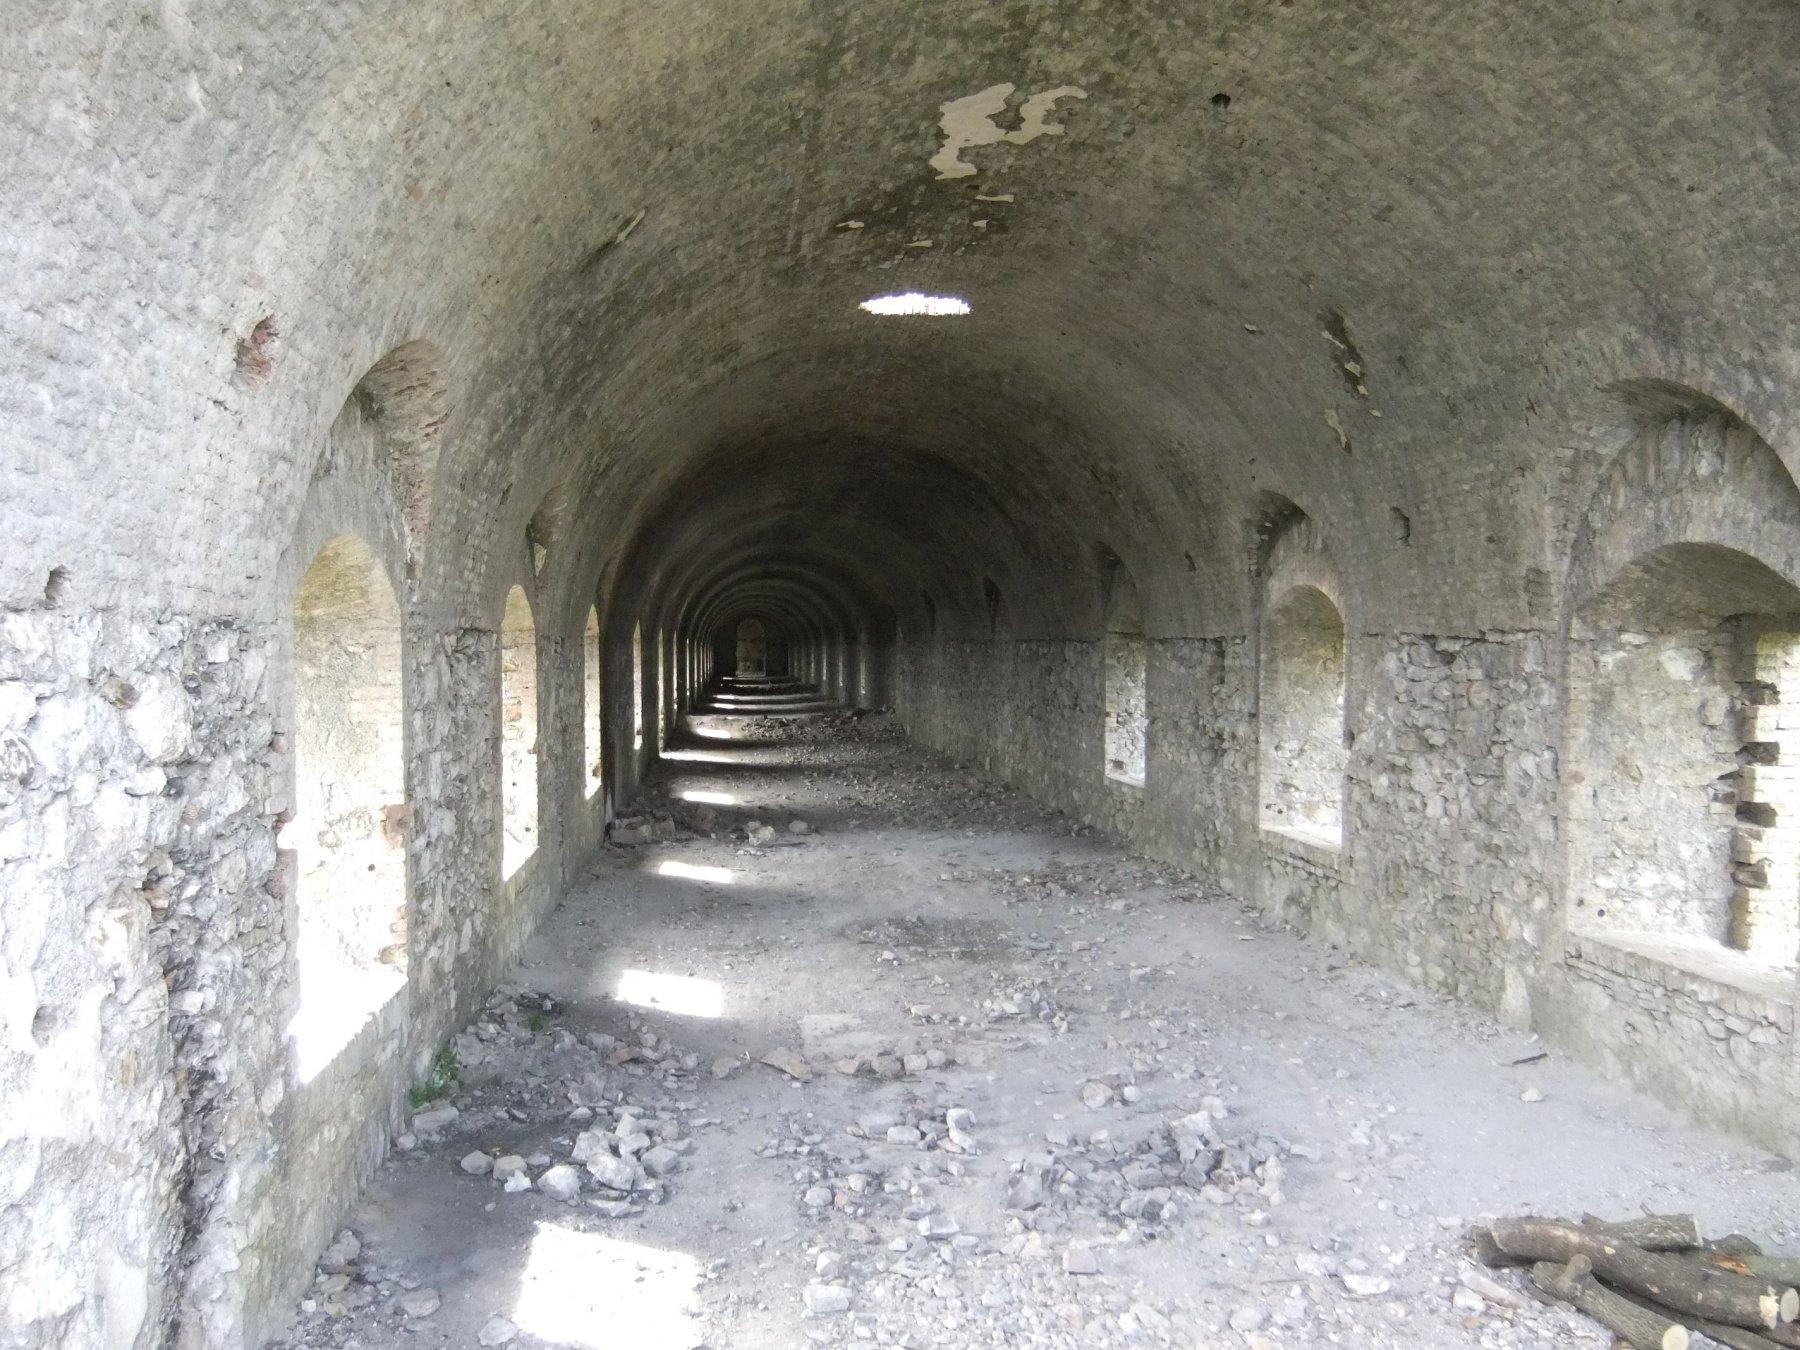 Corridoio interno del Forte Ratti